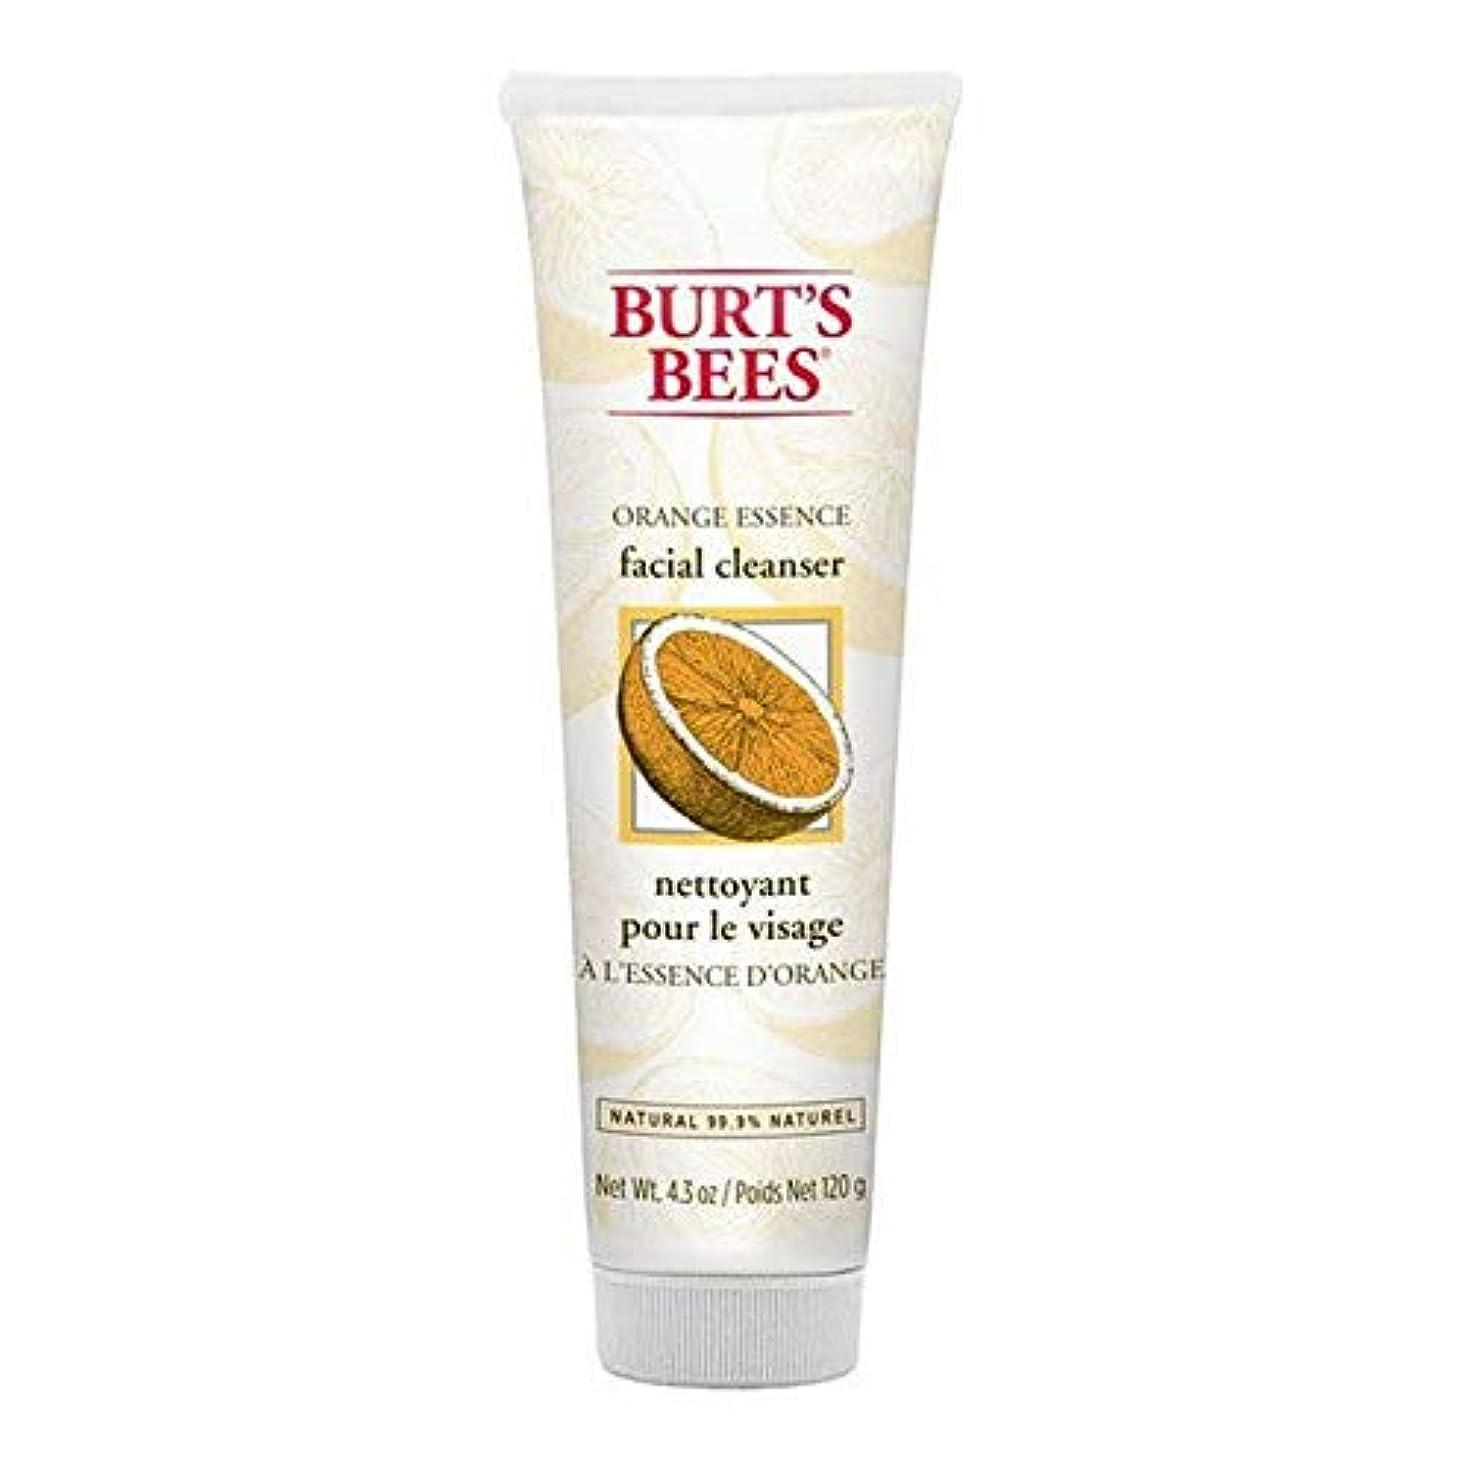 まで洞察力変成器[Burt's Bees ] バーツビーオレンジエッセンス洗顔料の120グラム - Burt's Bees Orange Essence Facial Cleanser 120g [並行輸入品]